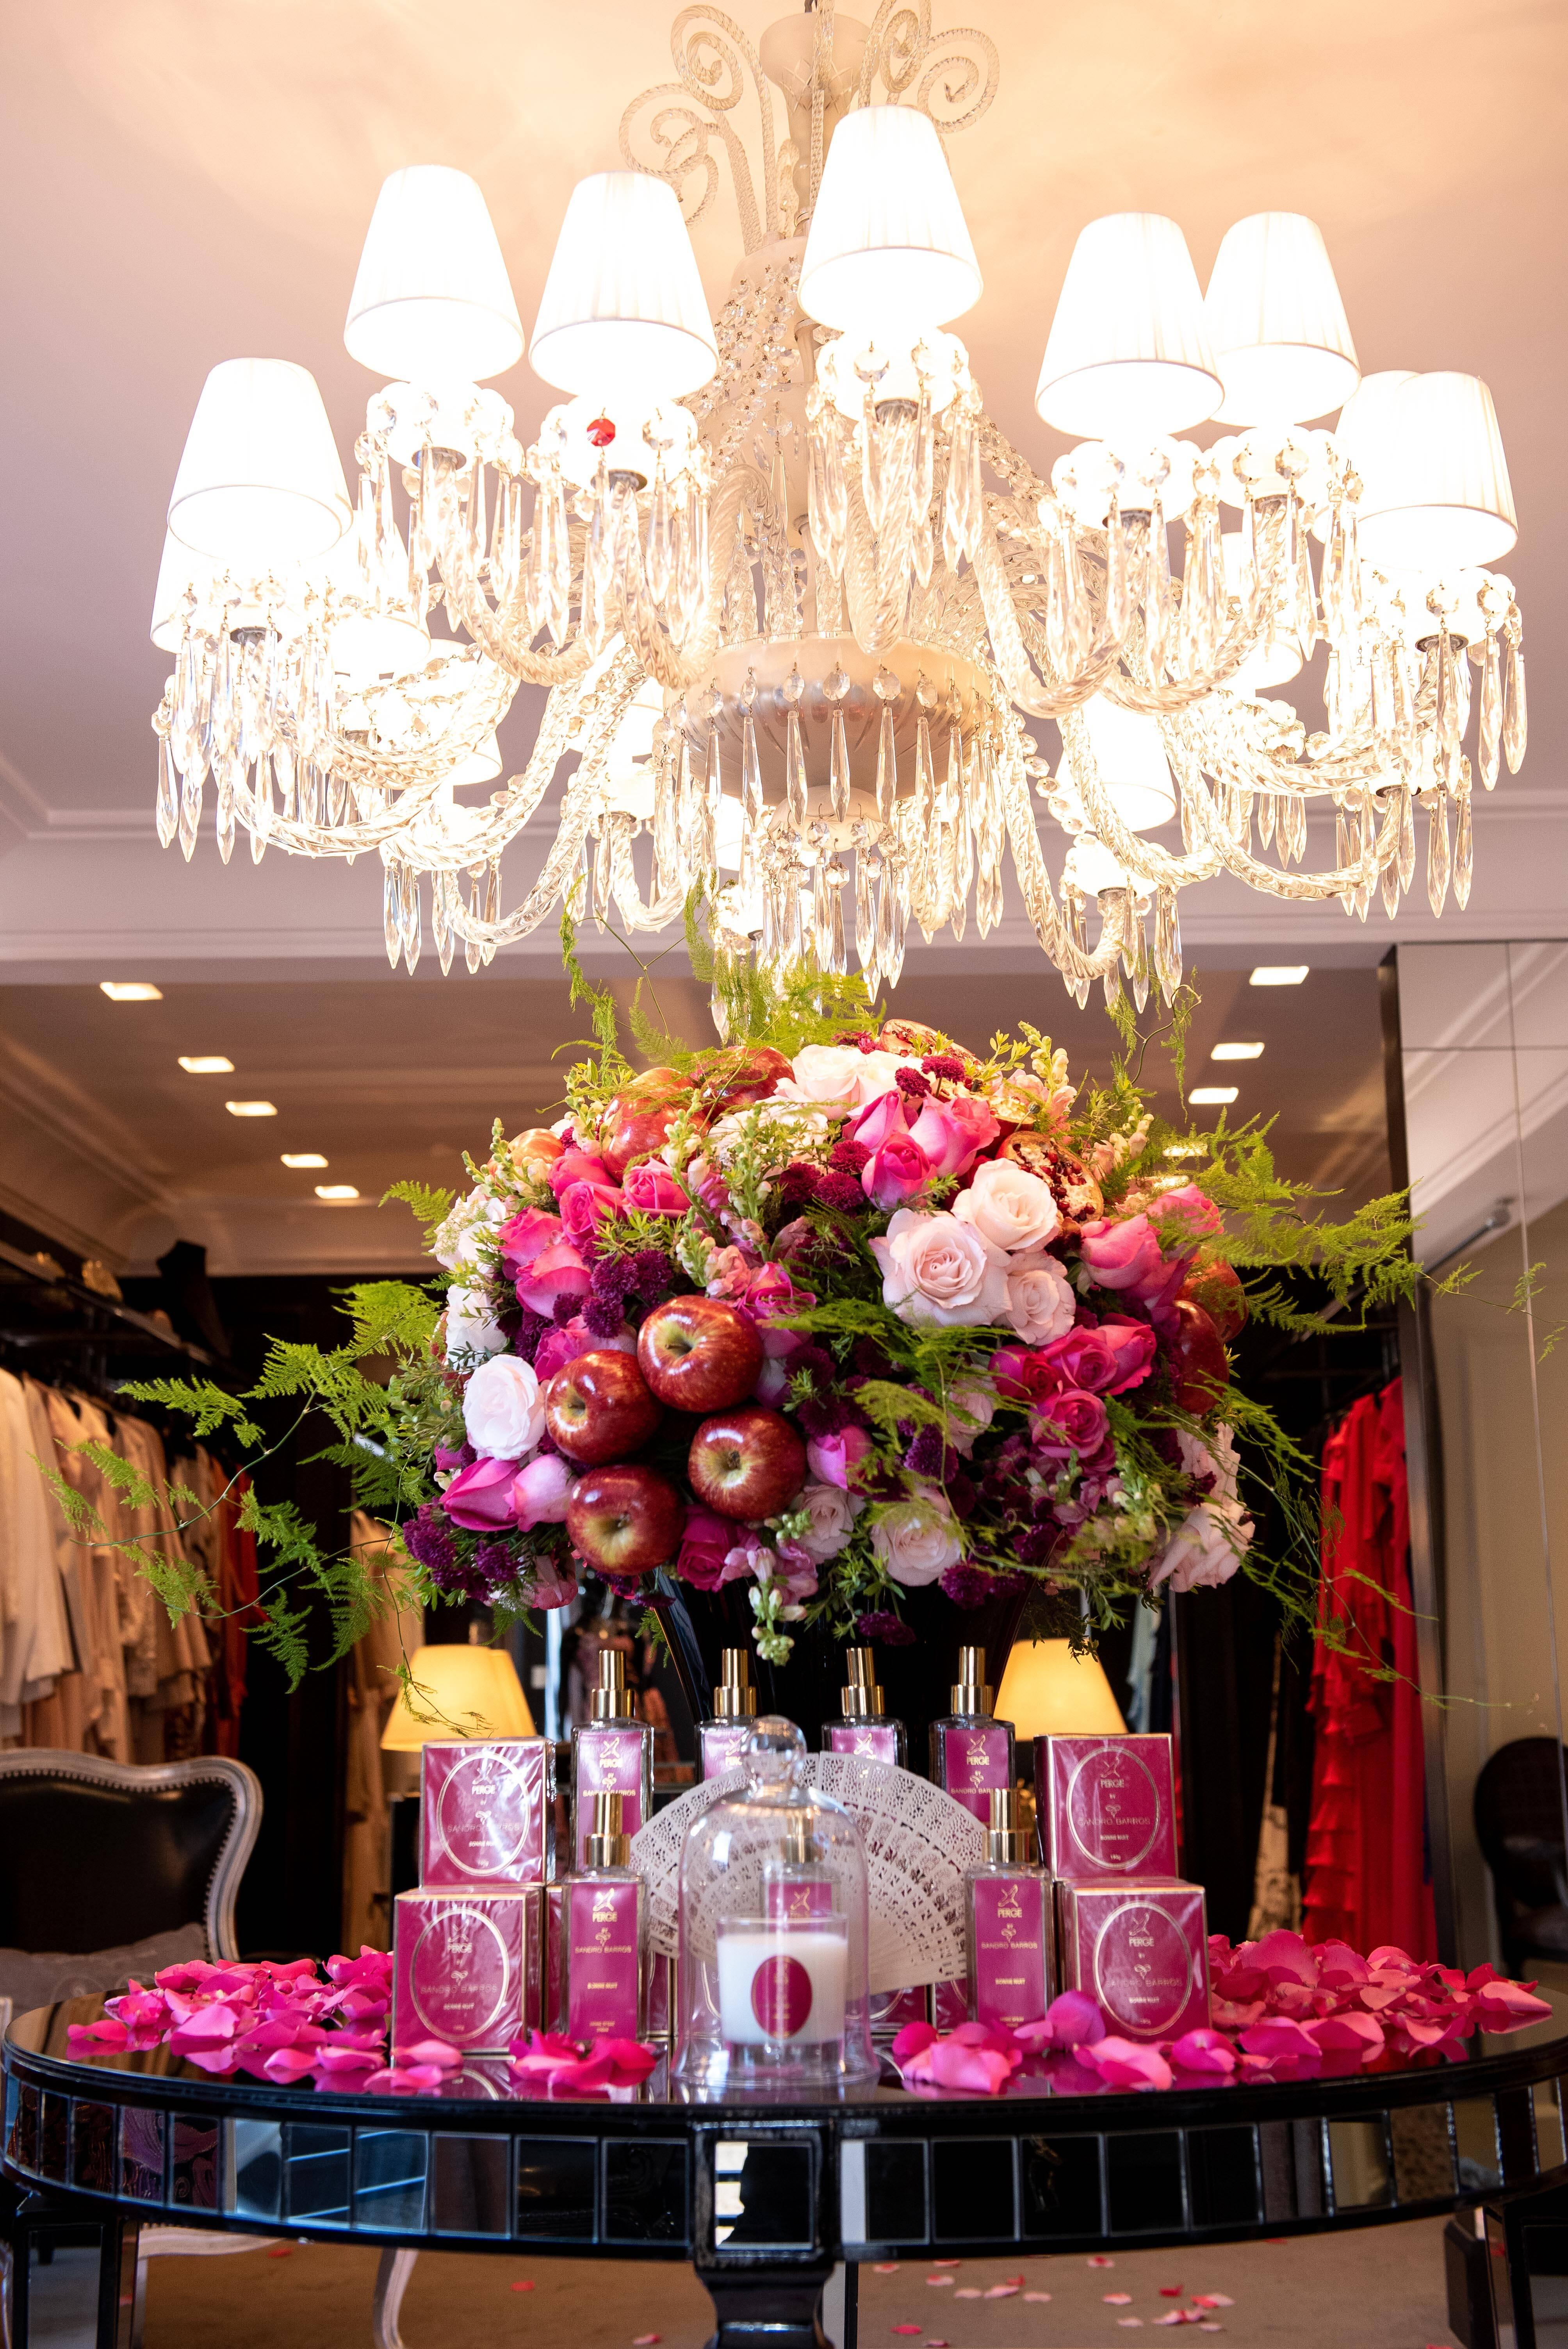 Detalhe da decoração da mesa / Foto: Lu Prezia